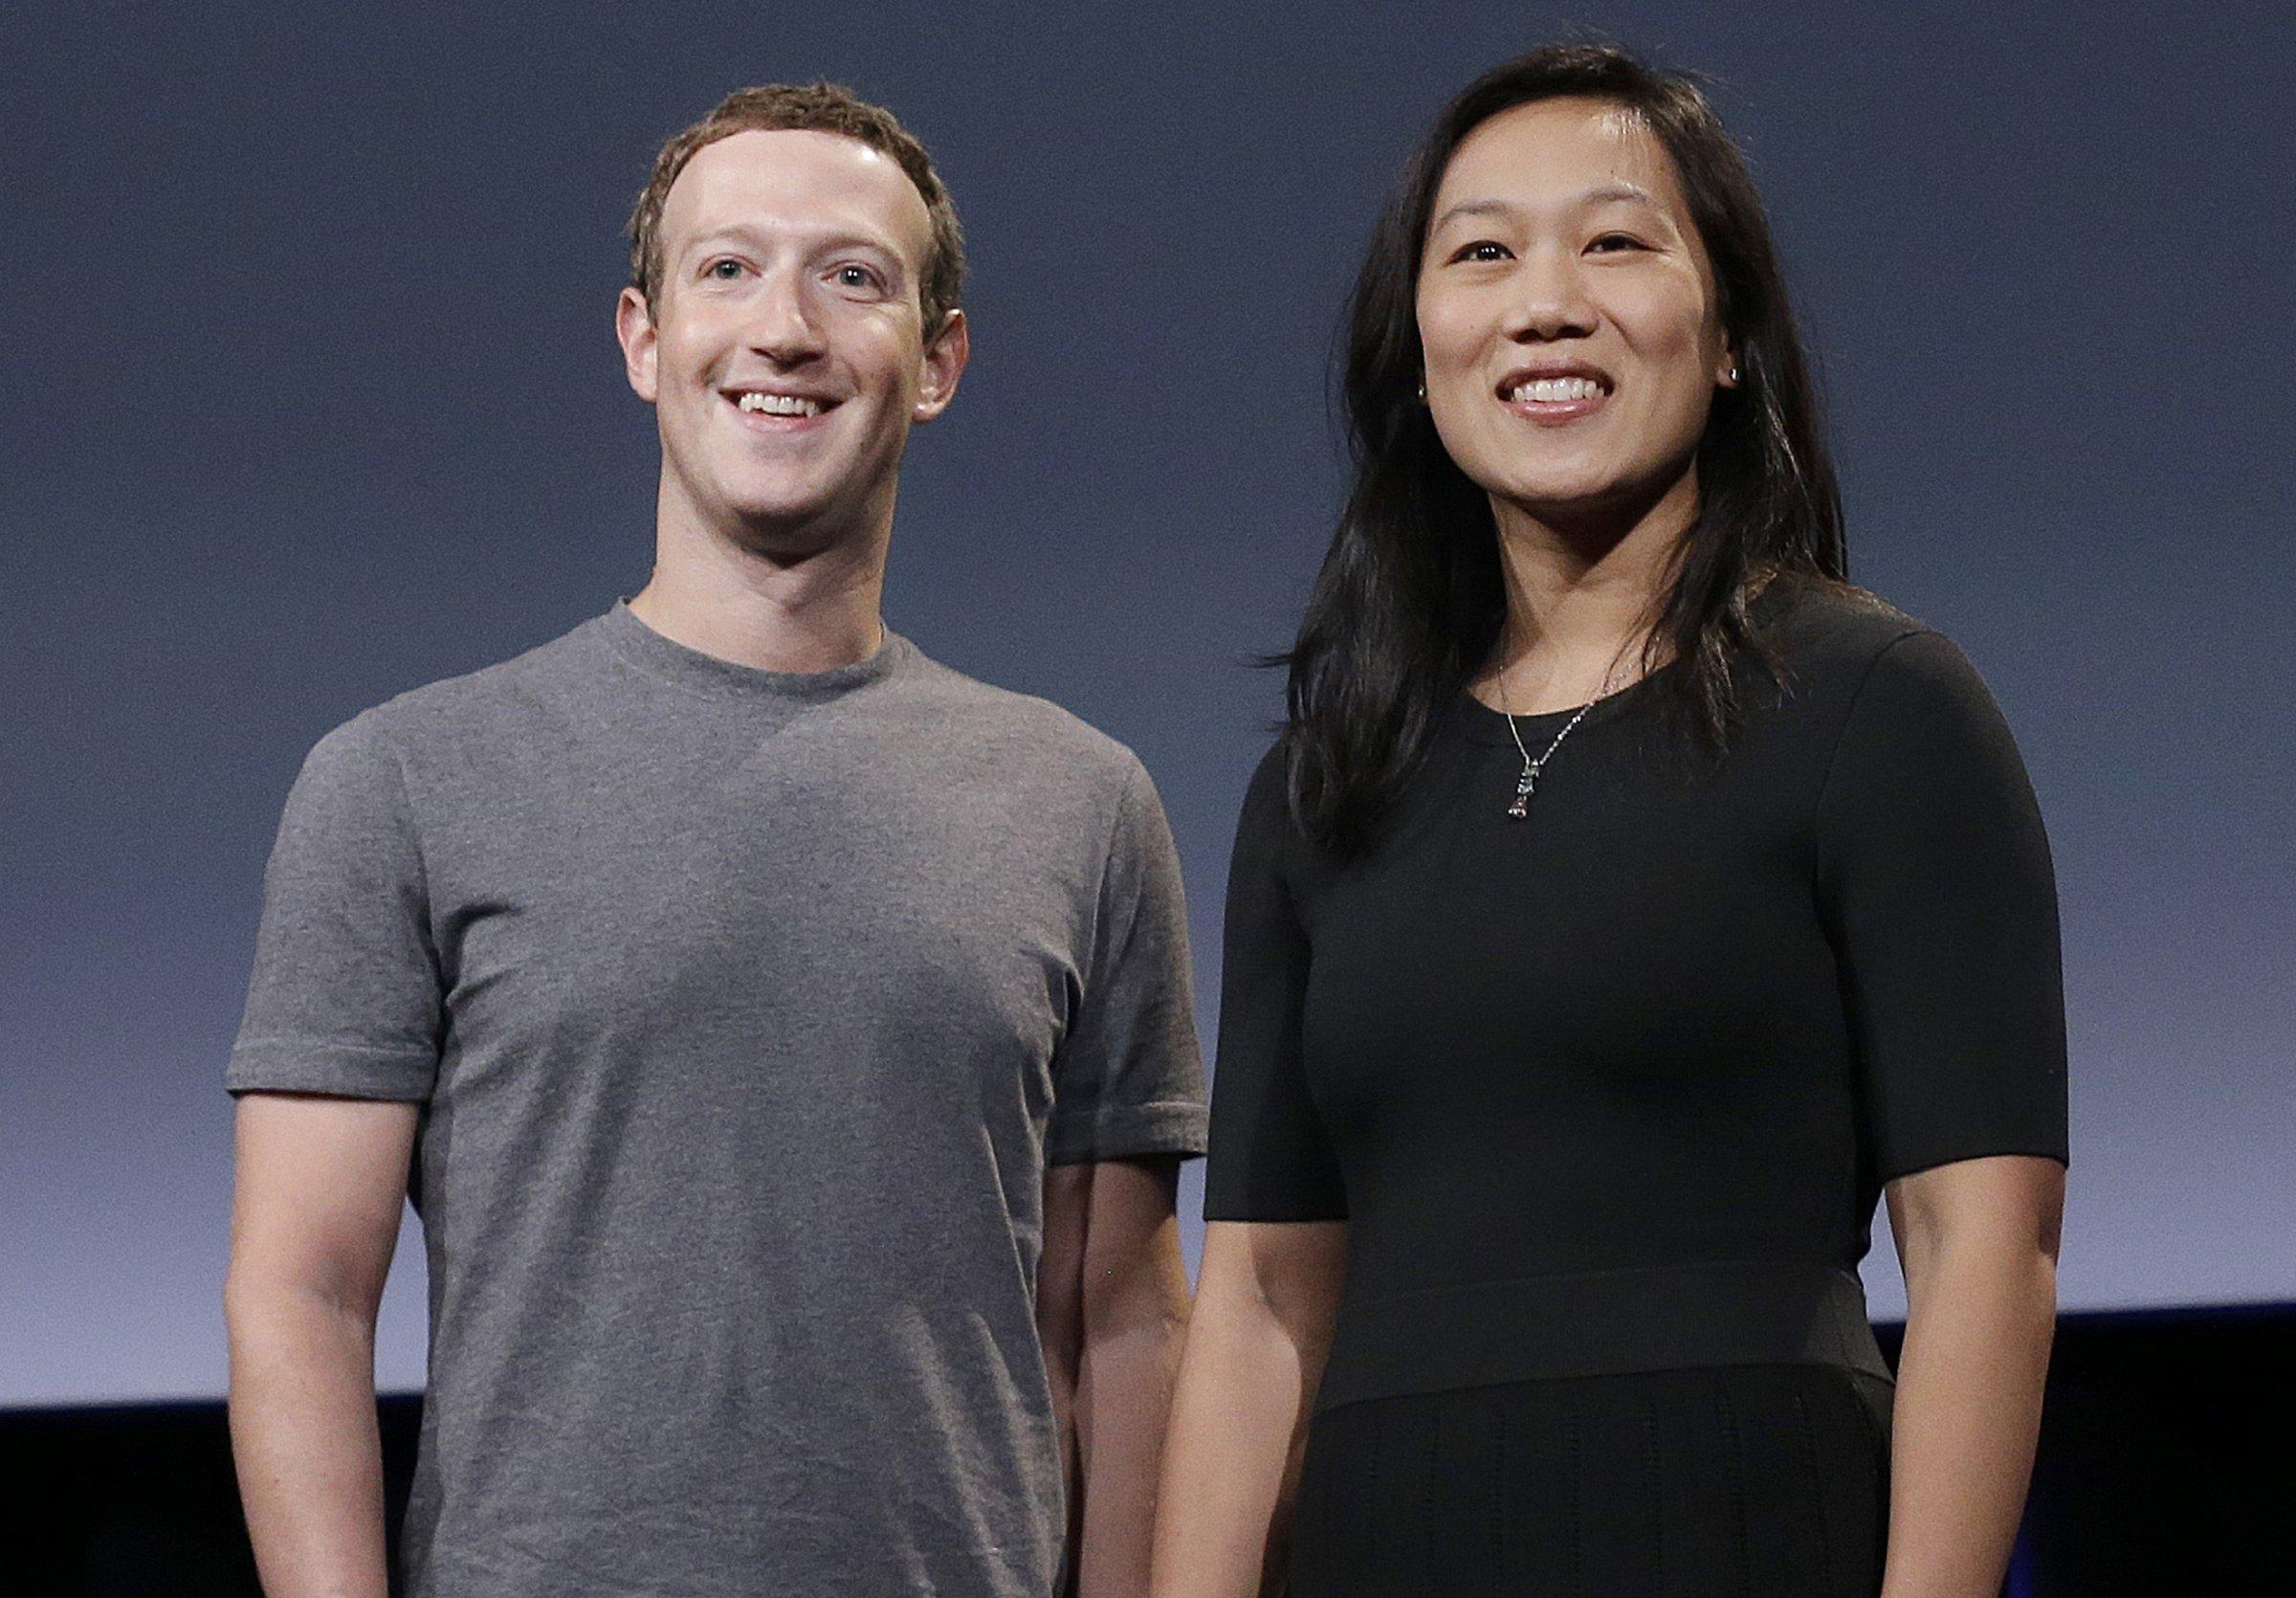 Цукерберг с женой пожертвуют $3 млрд, чтобы искоренить болезни к концу века